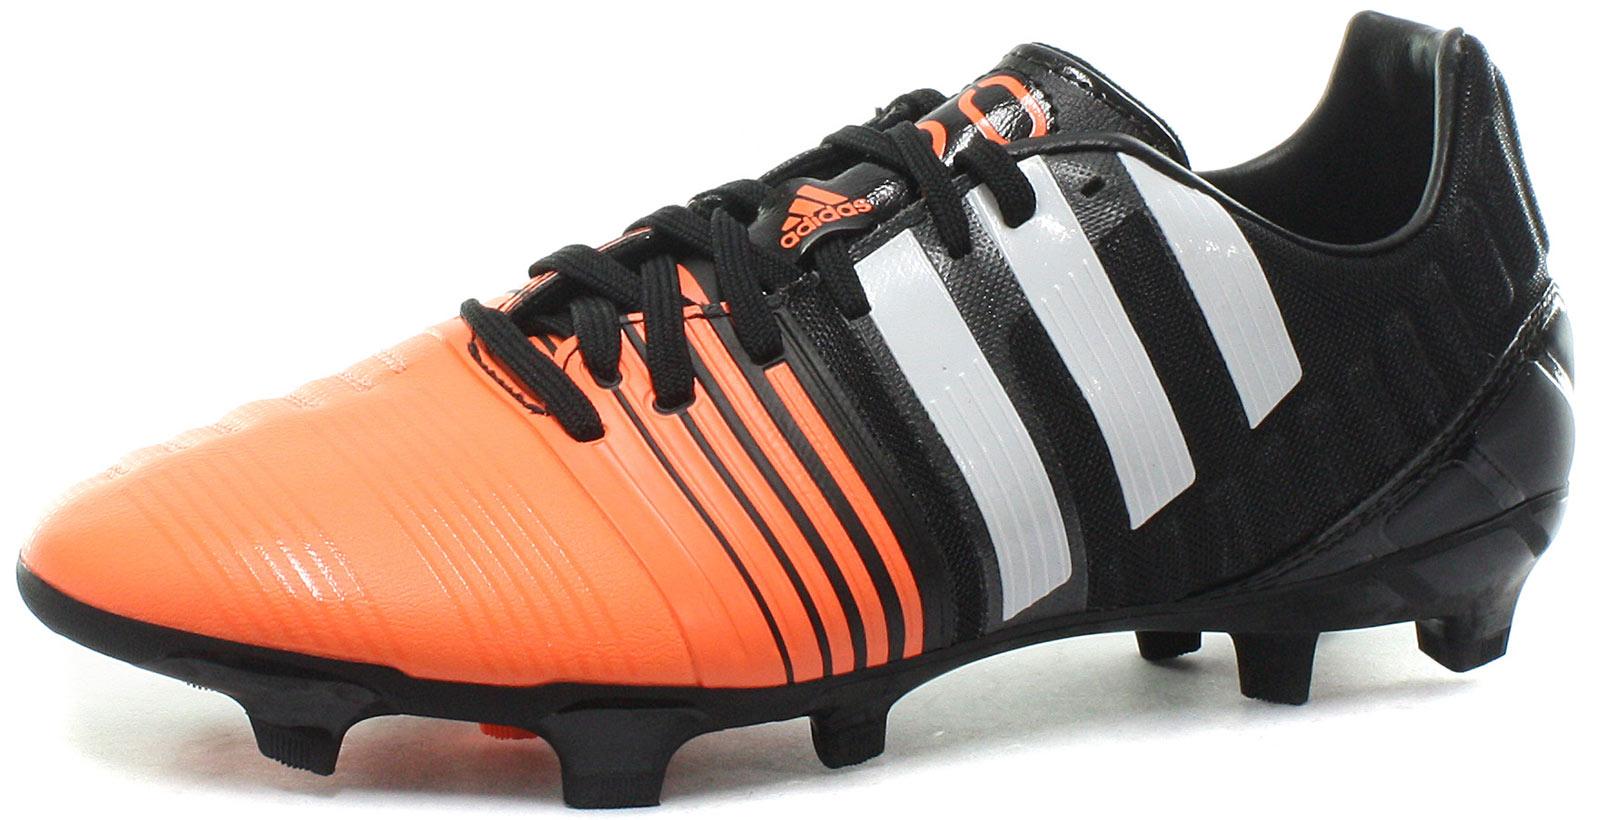 Nuovo Adidas Nitrocharge 2.0 Fg Sautope Calcio Uomo Tutte le Misure